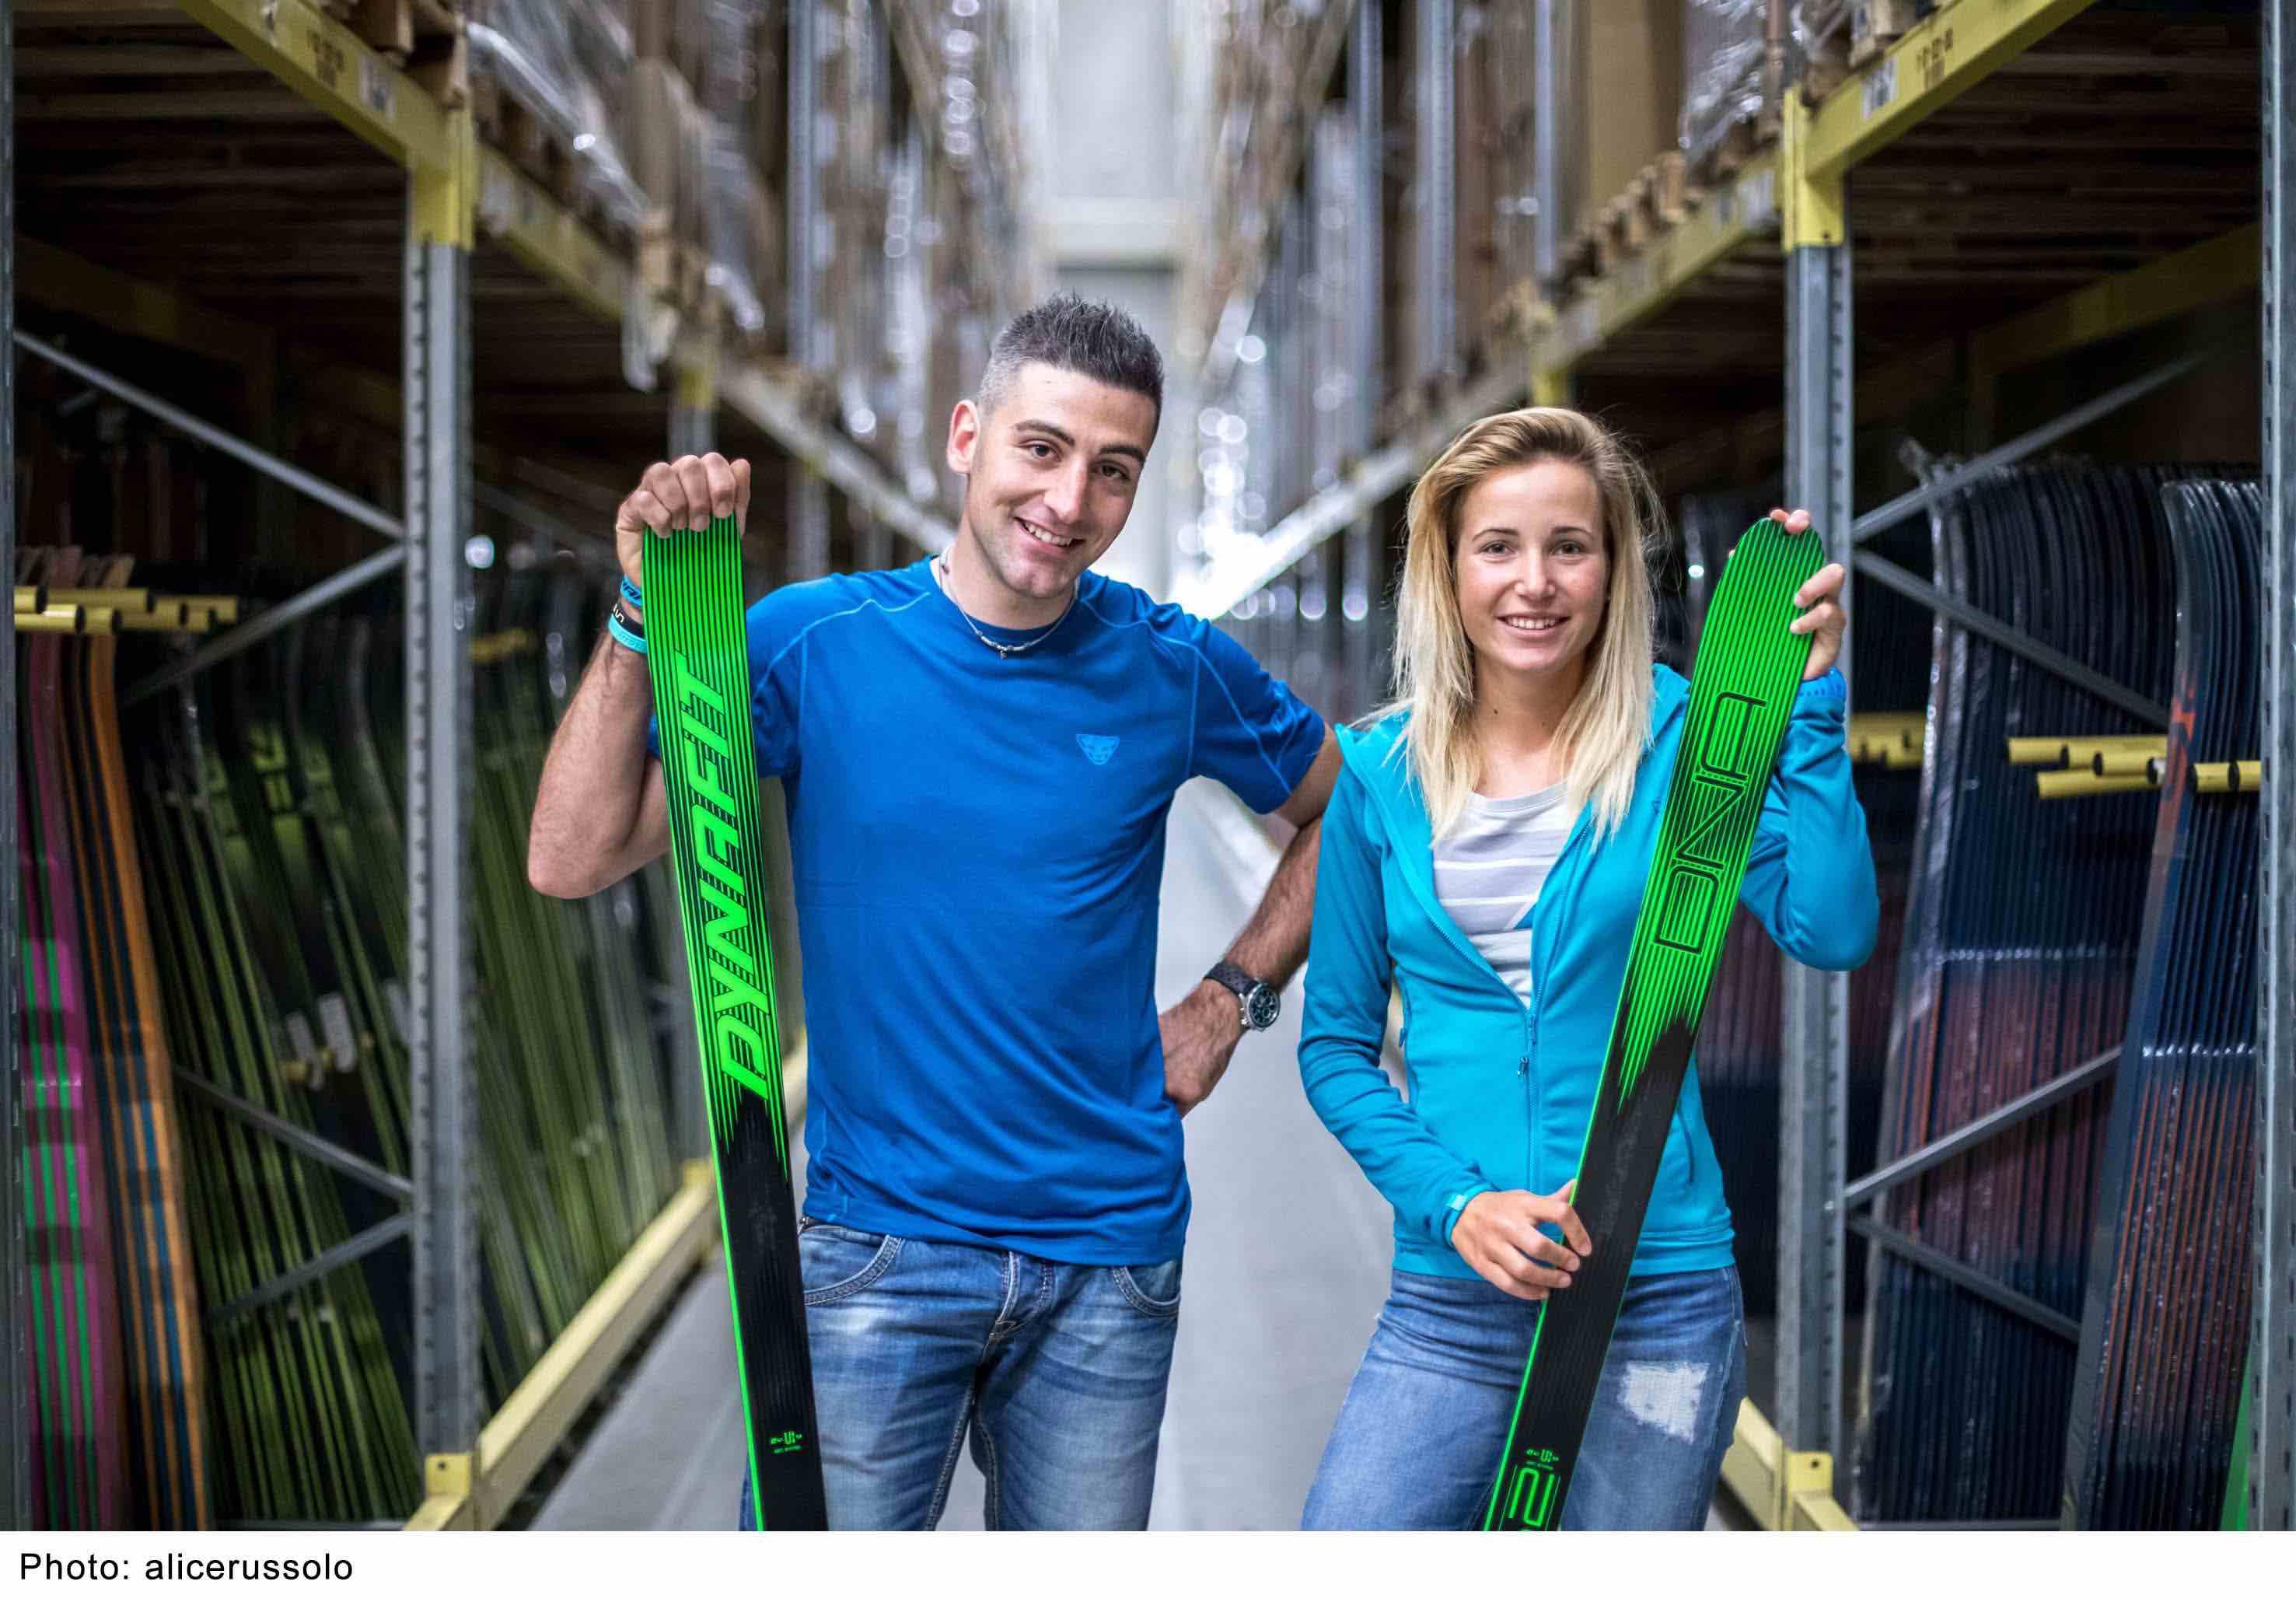 Damiano Lenzi e Alba De Silvestro, atleti del team Dynafit di scialpinismo